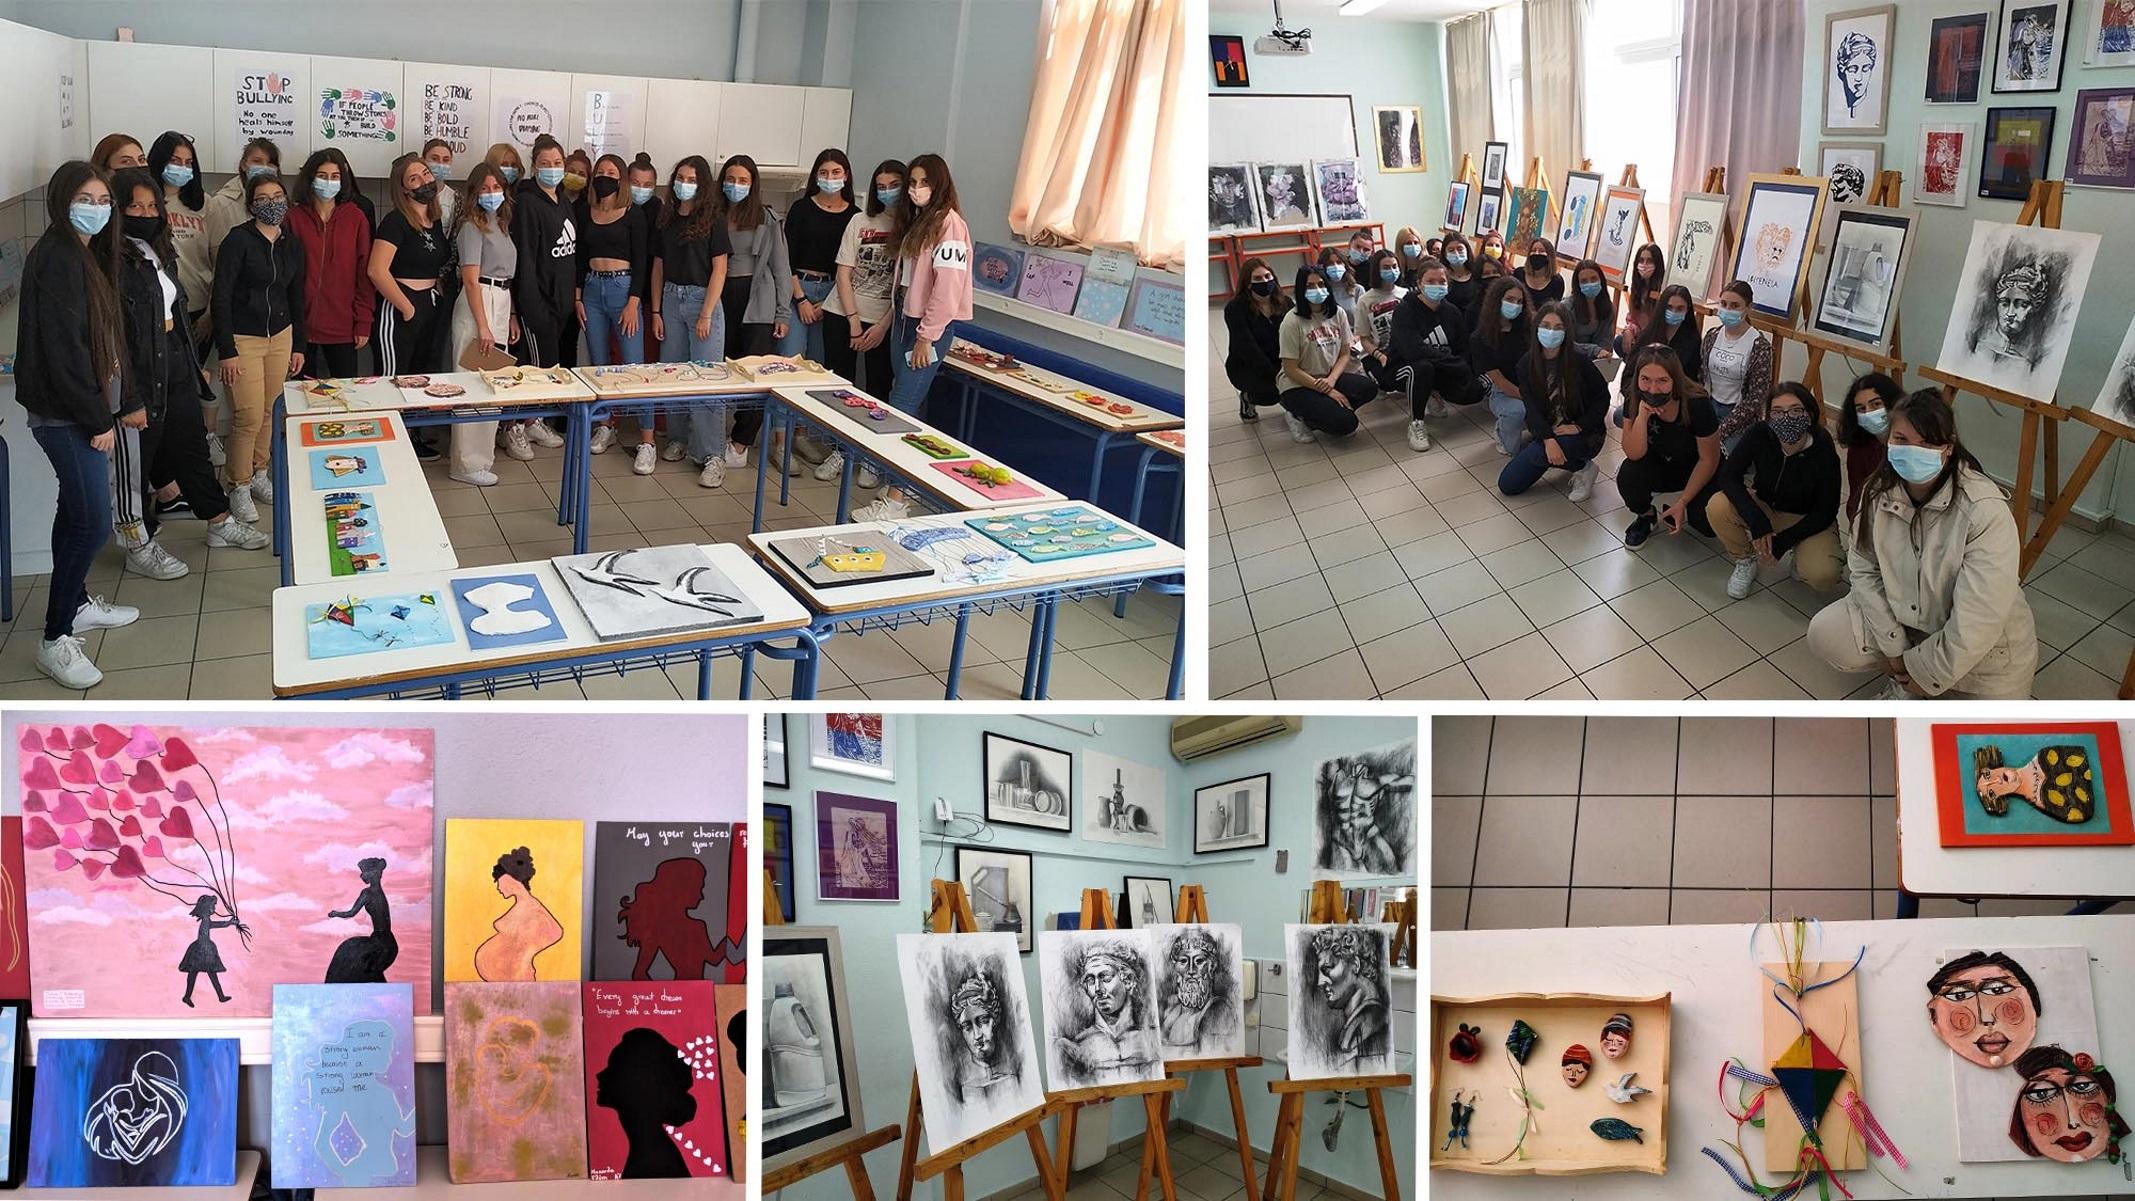 Καβάλα: Δημιουργία μέσα στην πανδημία για τους μαθητές του 4ου ΕΠΑΛ